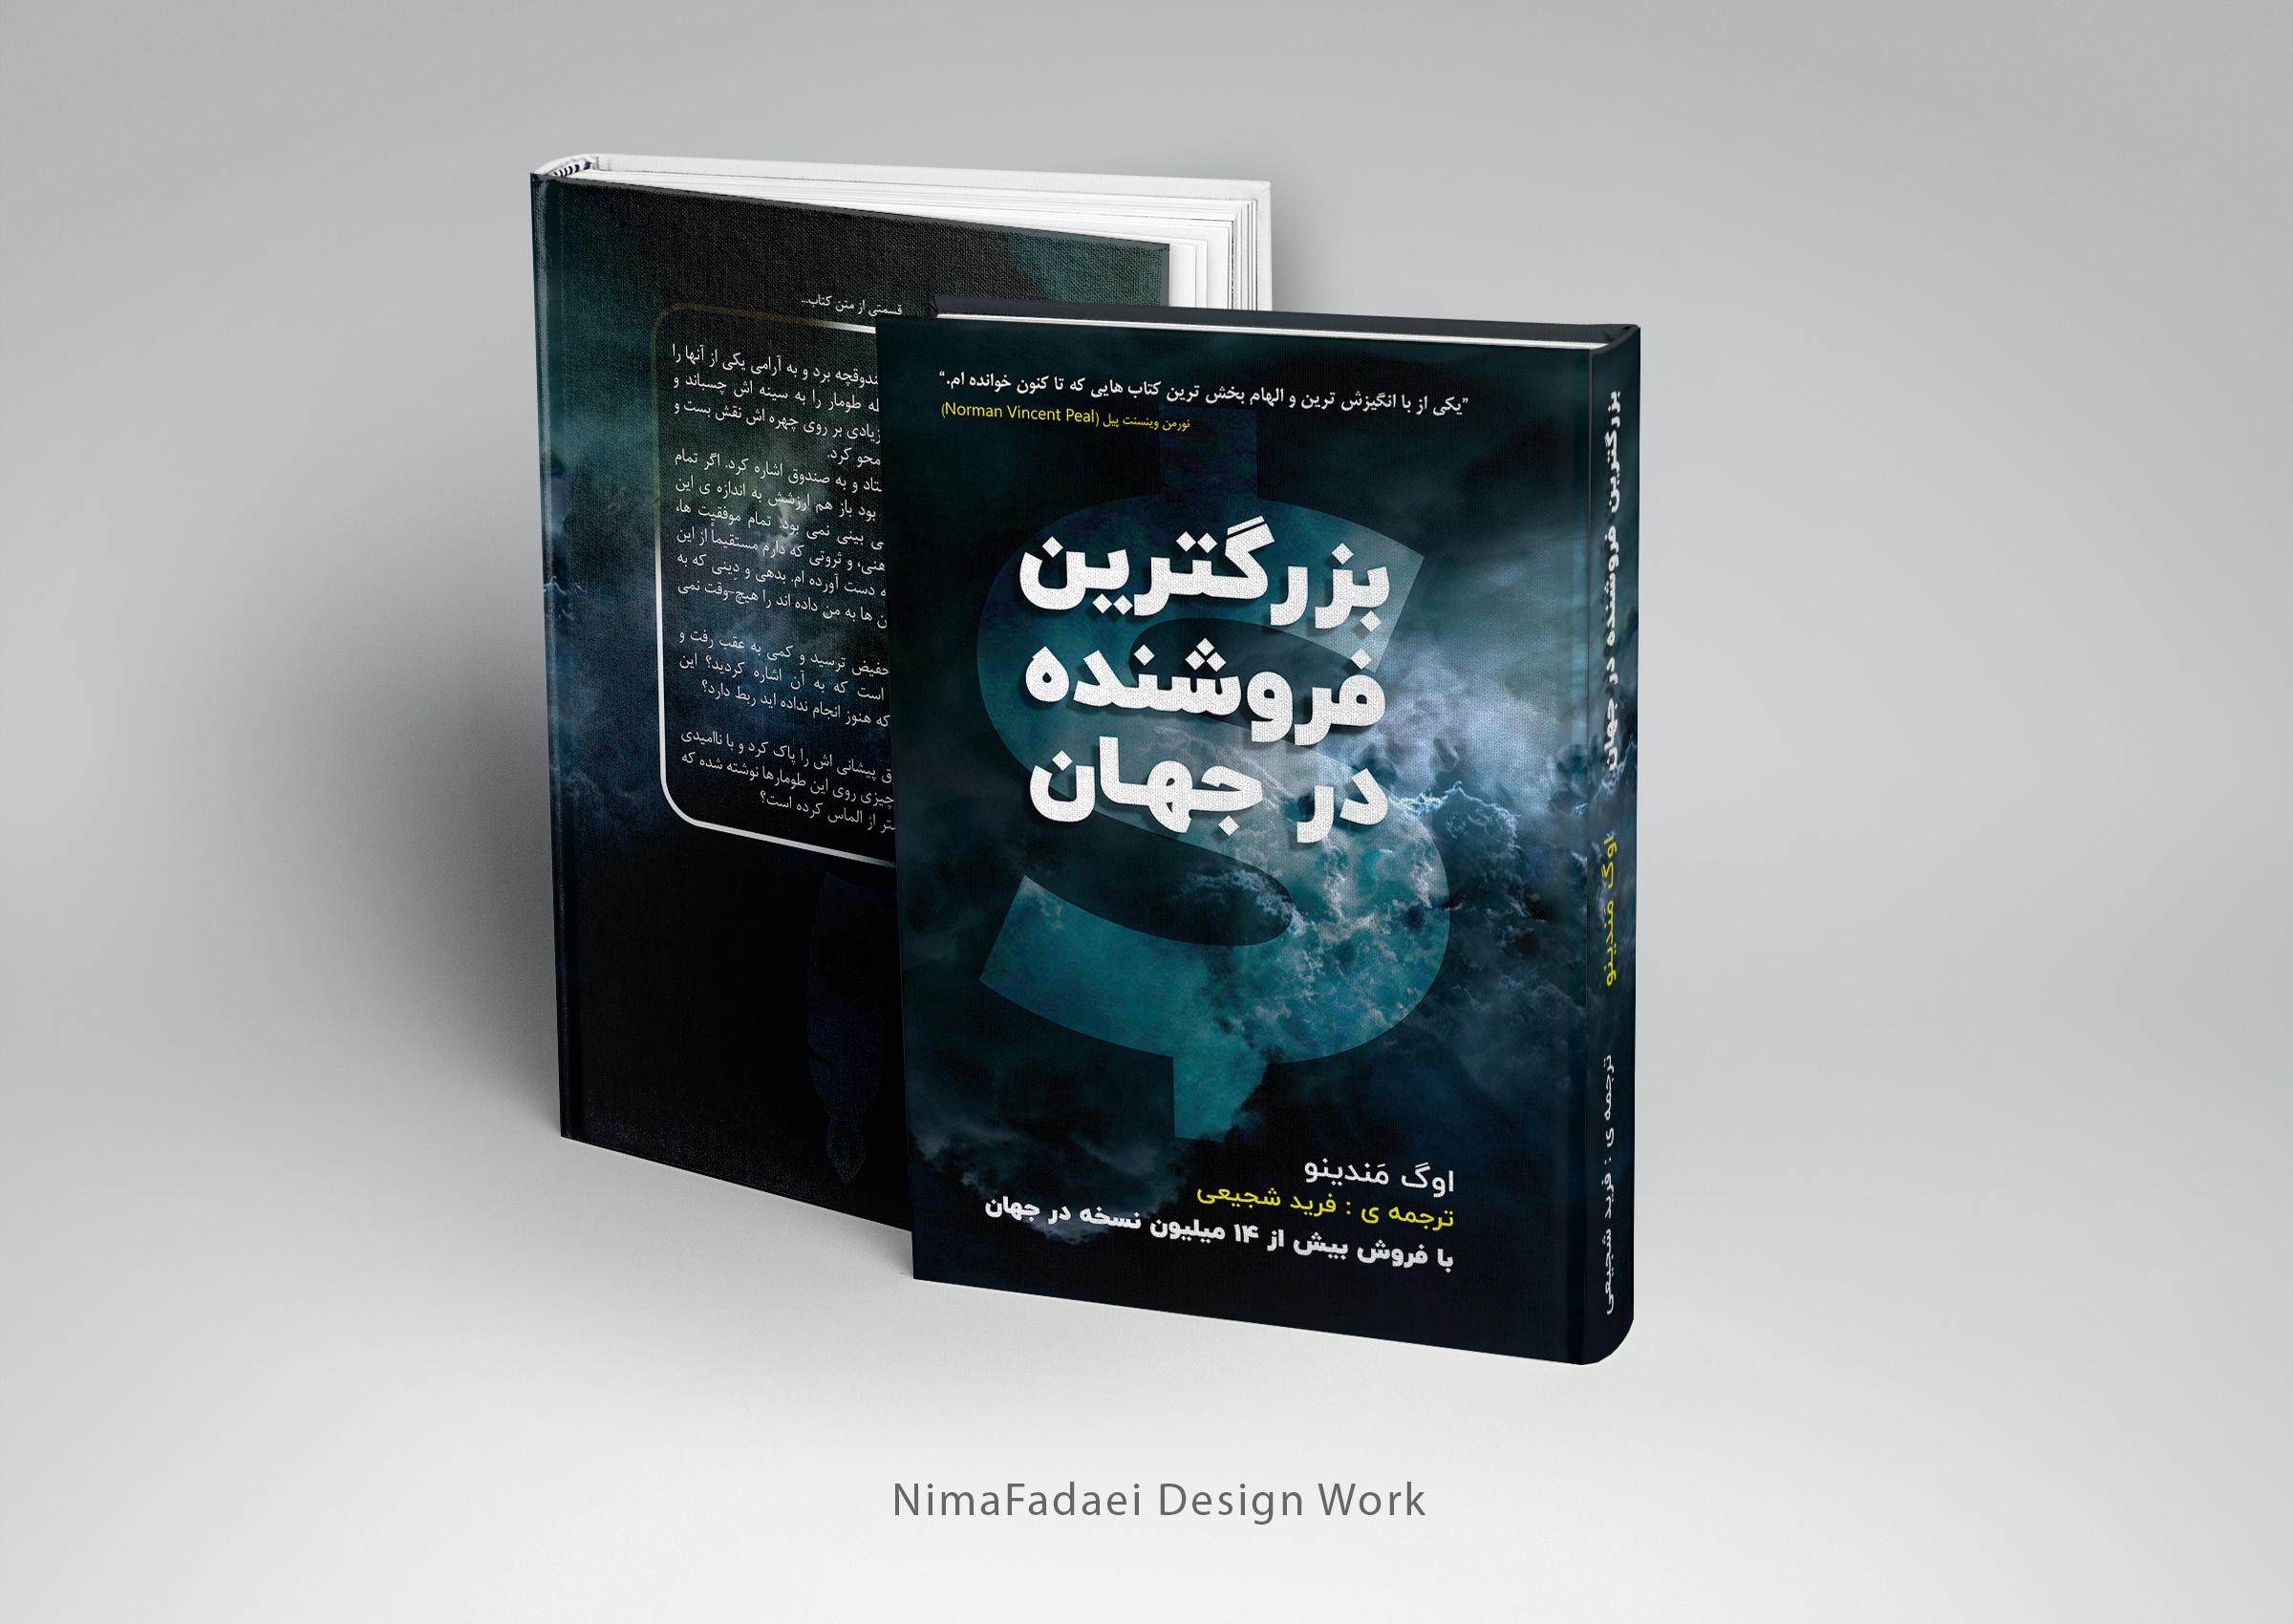 طراحی جلد کتاب بزرگترین فروشنده در جهان